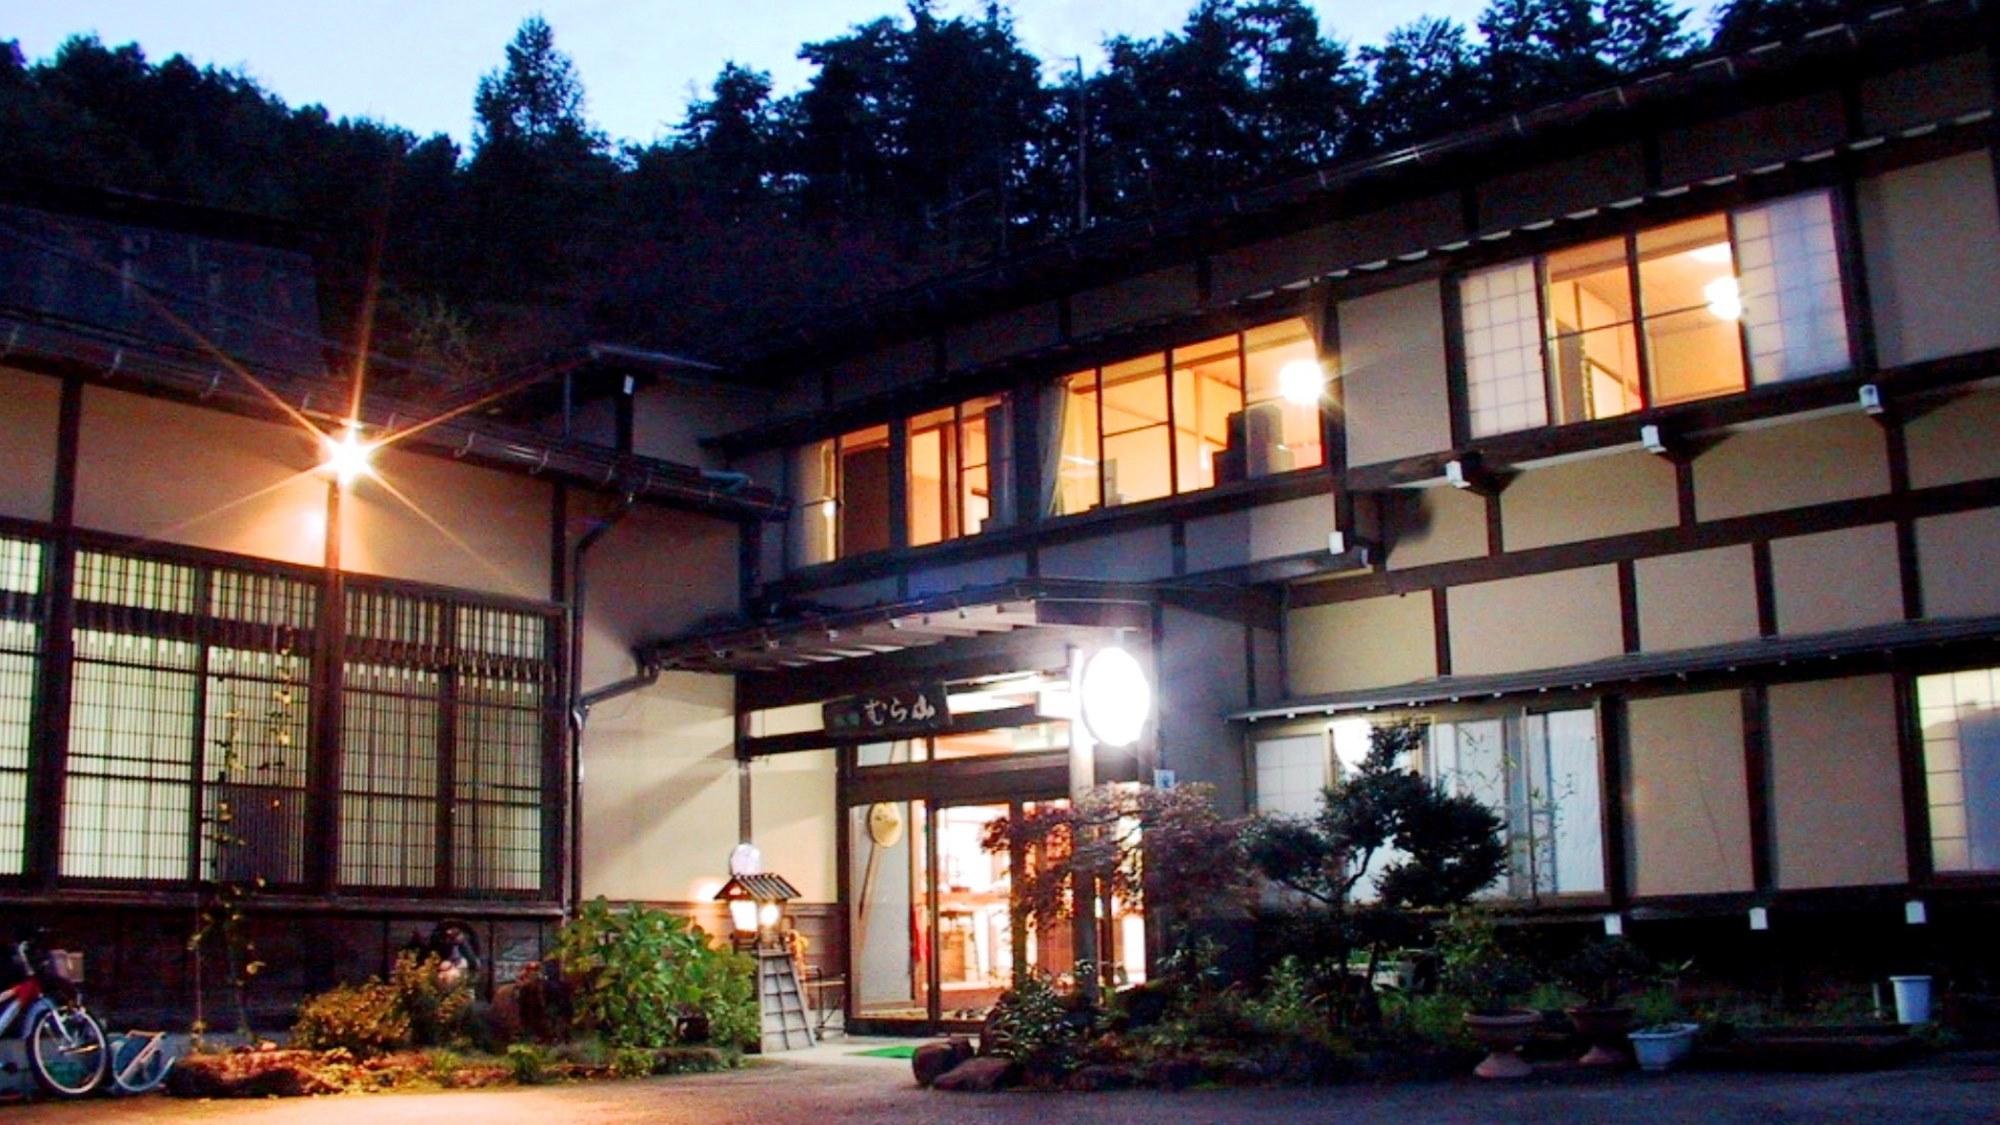 飛騨高山温泉 飛騨の里 旅館 むら山 その1